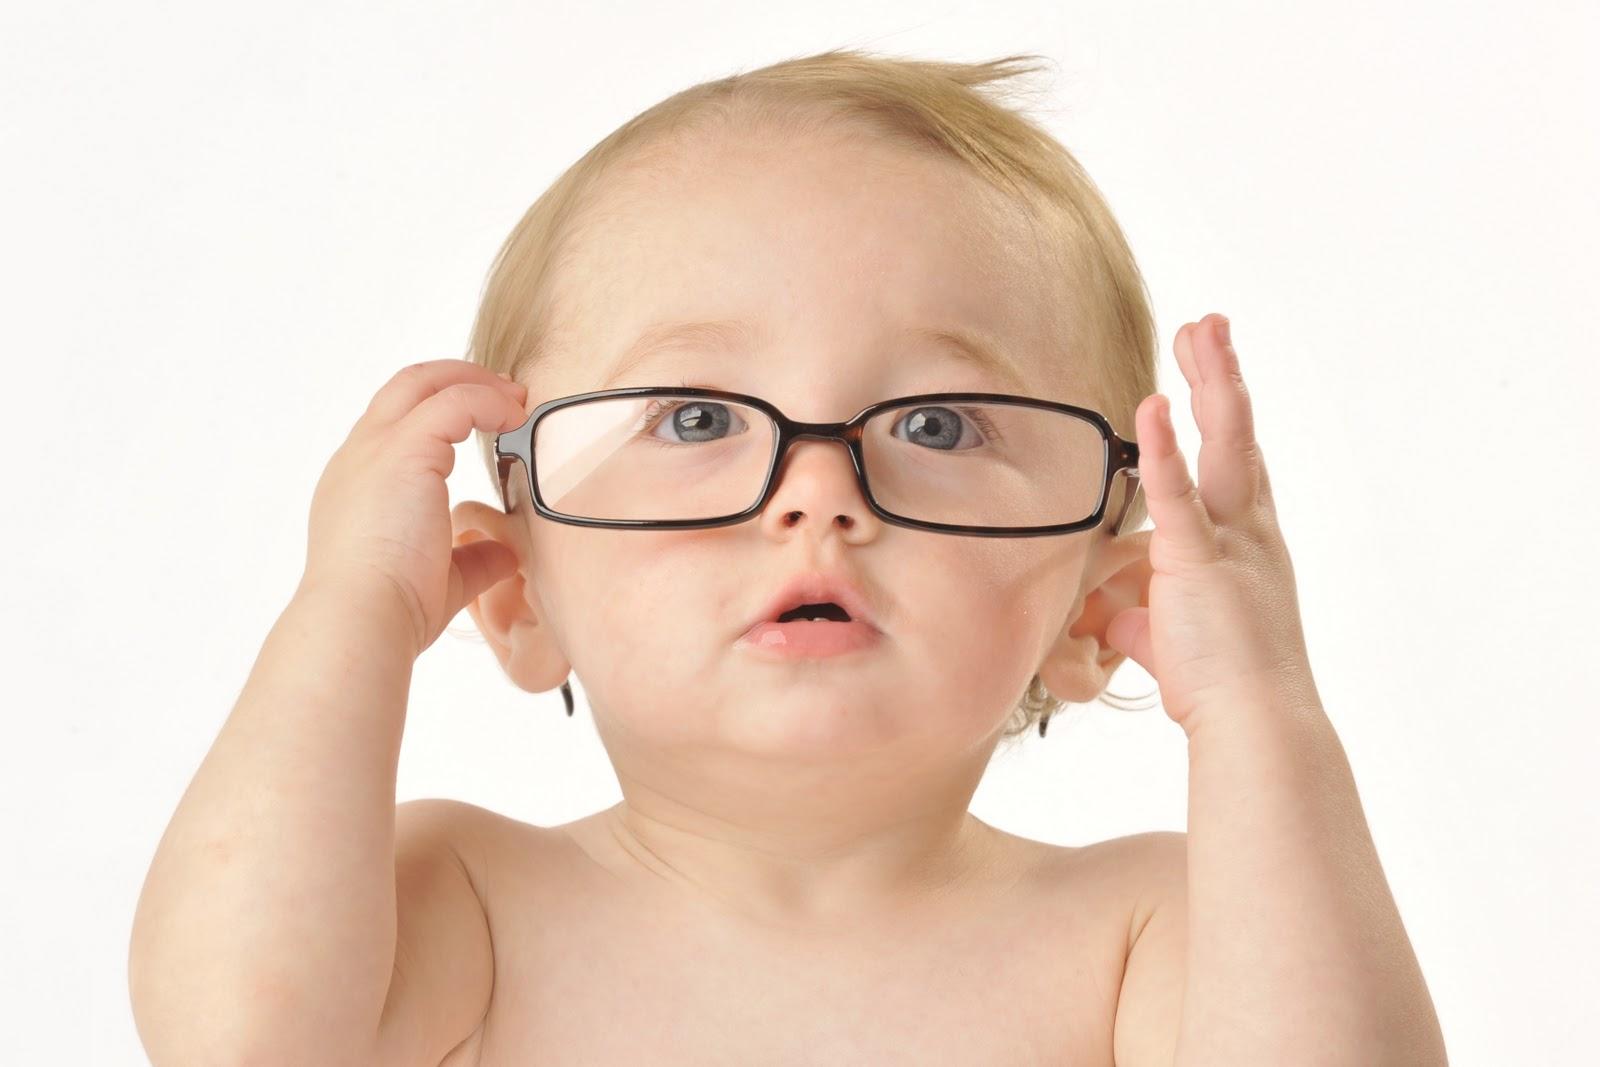 c9227404a3fa0 Bebe-com-oculos » Texto do Dia